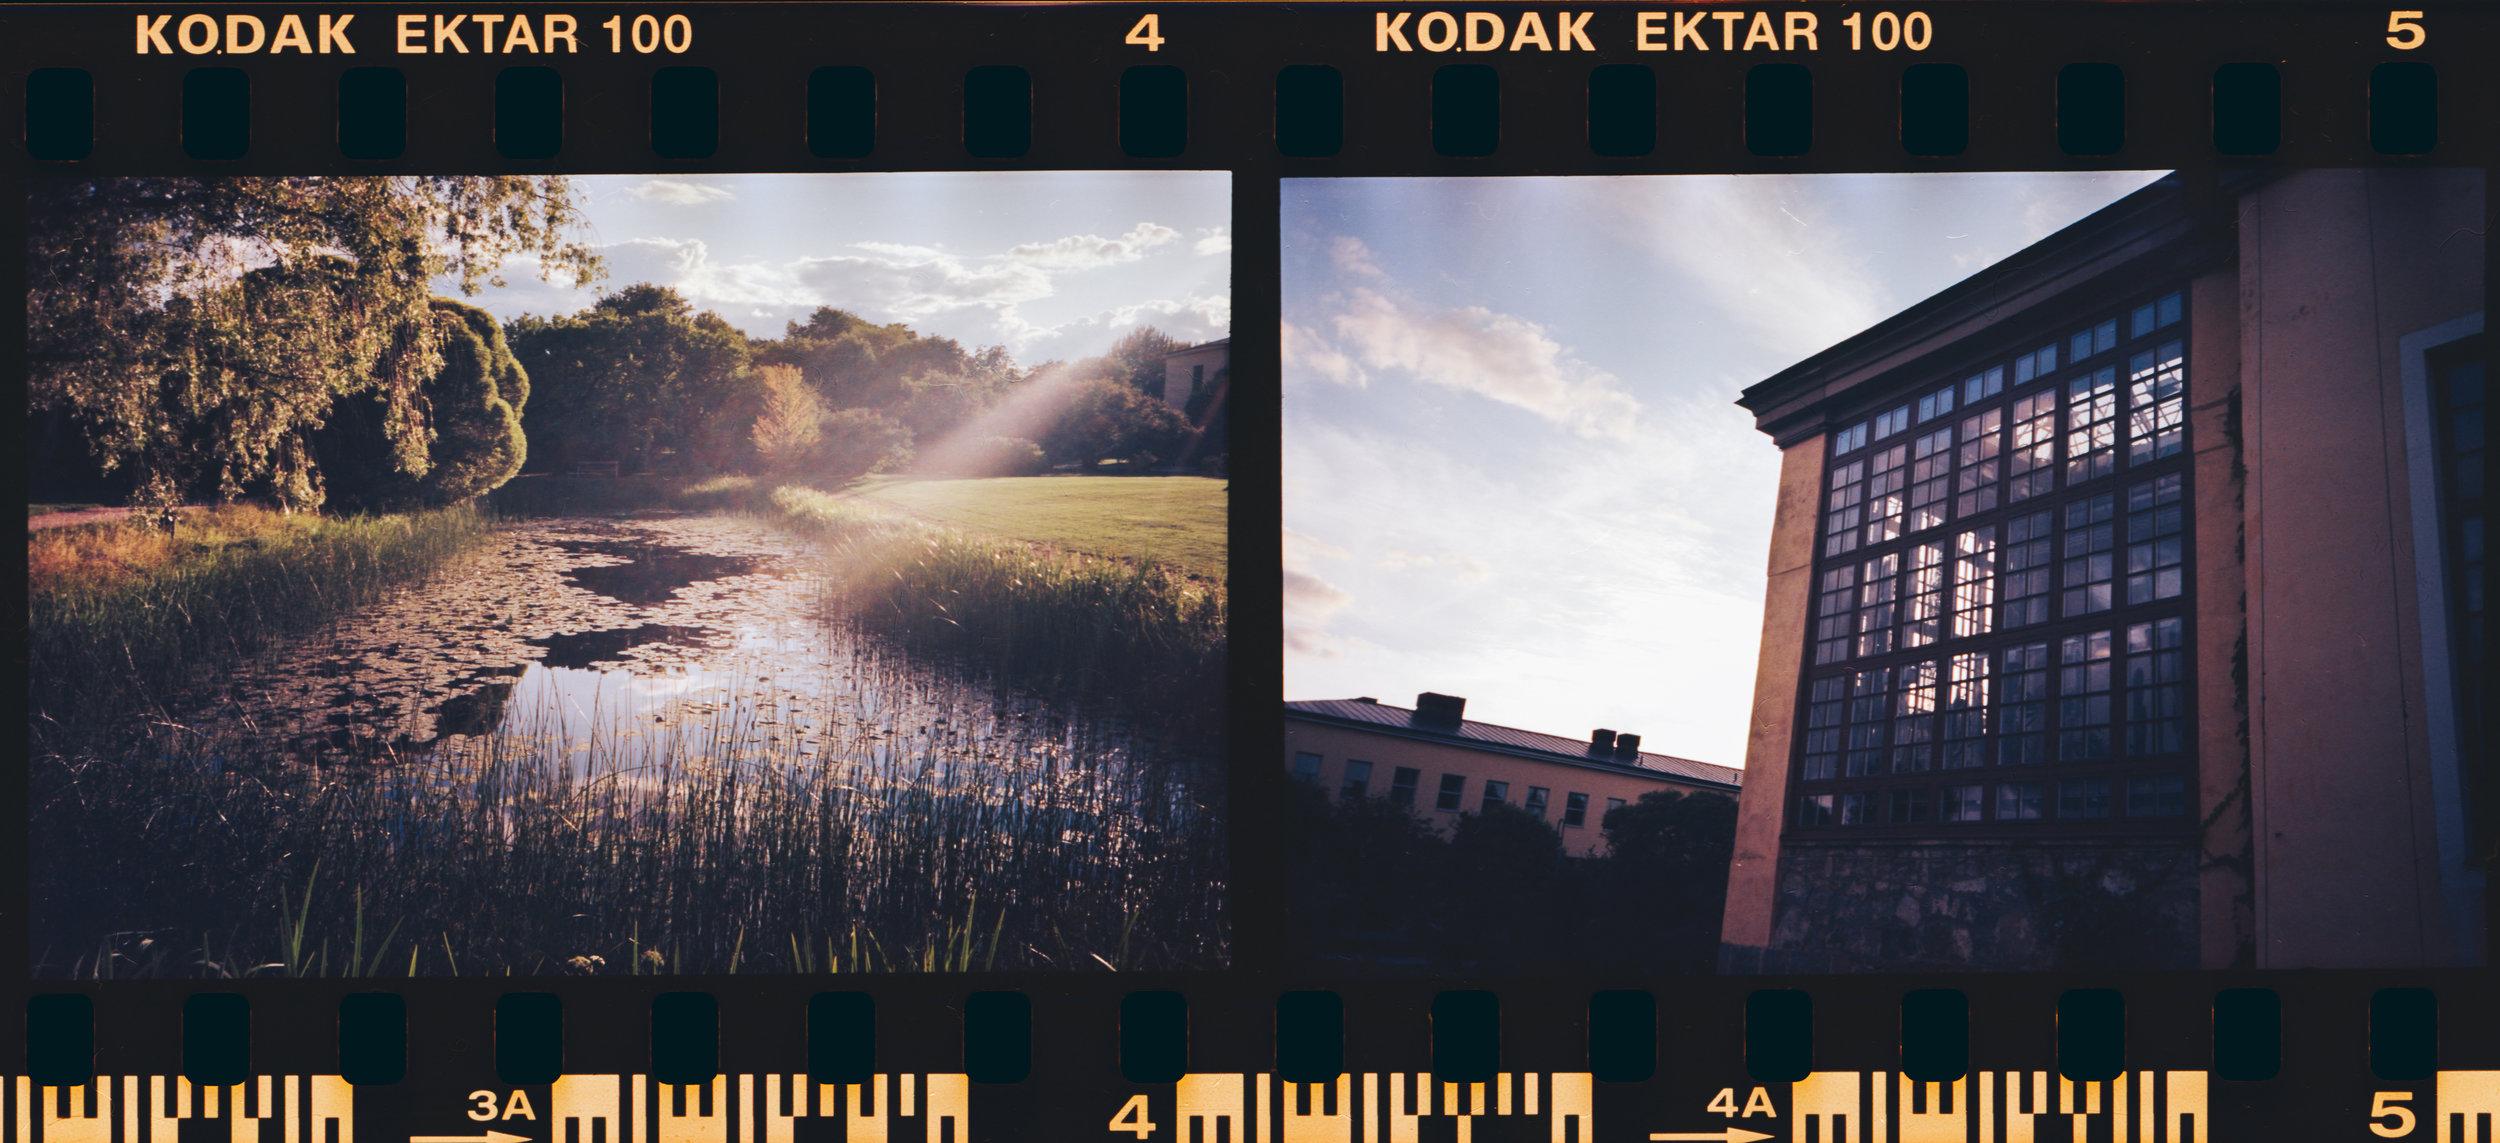 Botaniska / Kodak Ektar 100 / Olympus Mju I